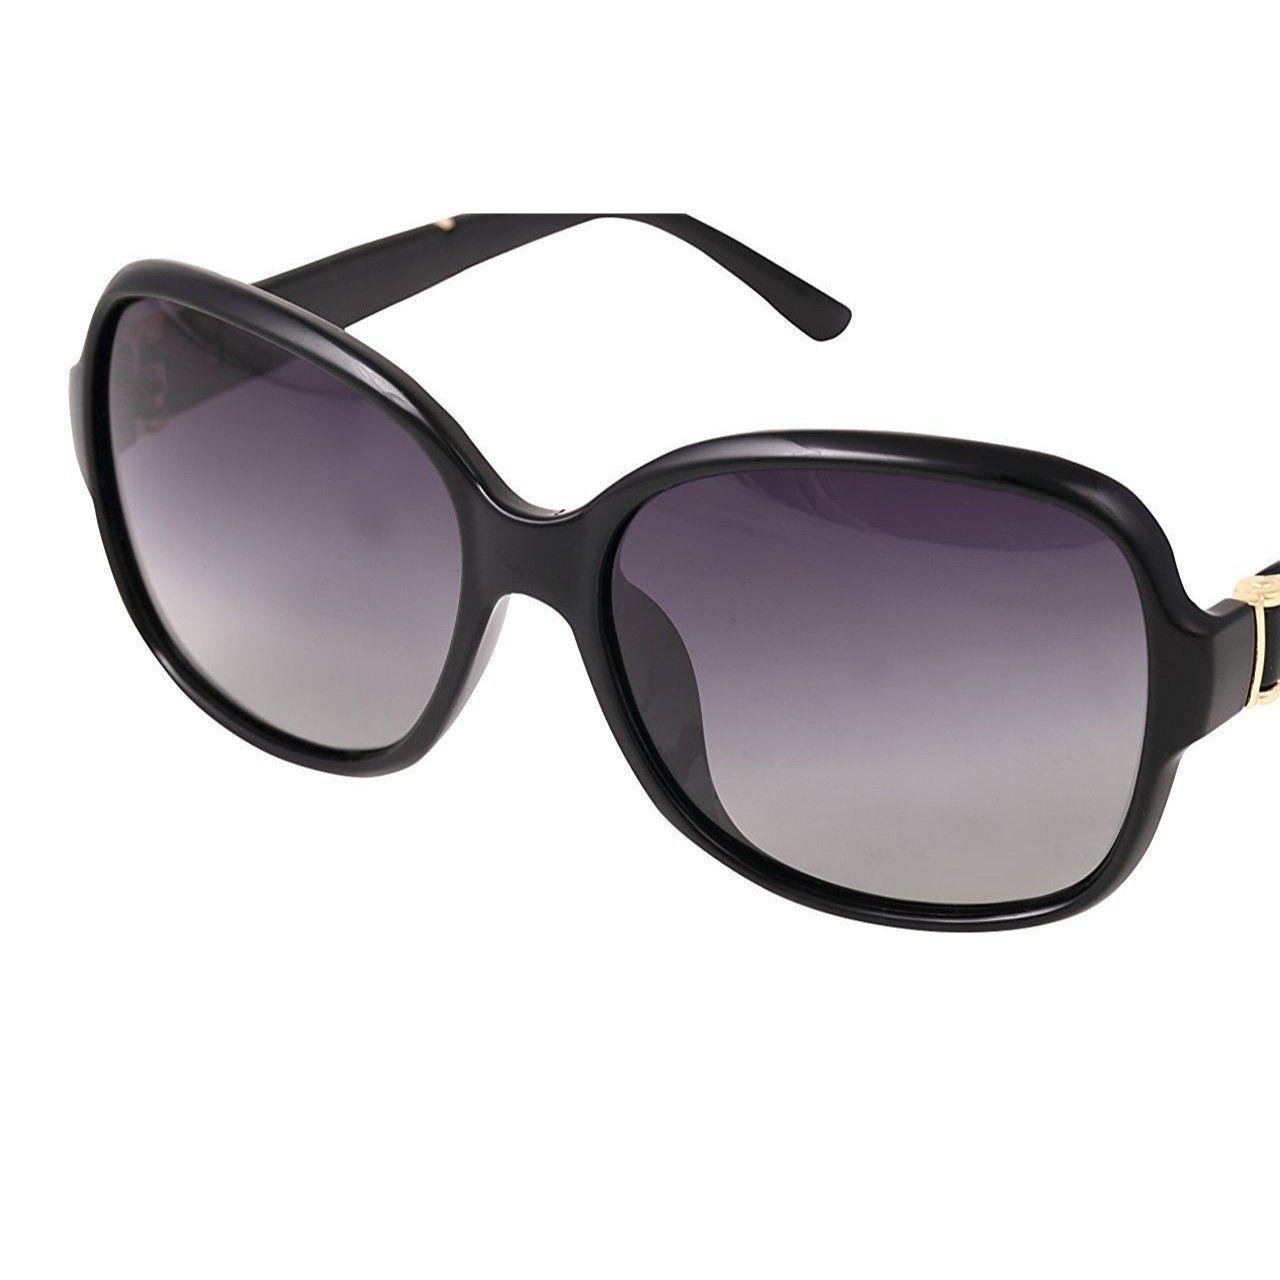 レディース サングラス バタフライ UV400 紫外線 カット率99.9 % UVカット 偏光レンズ (4ブラック)